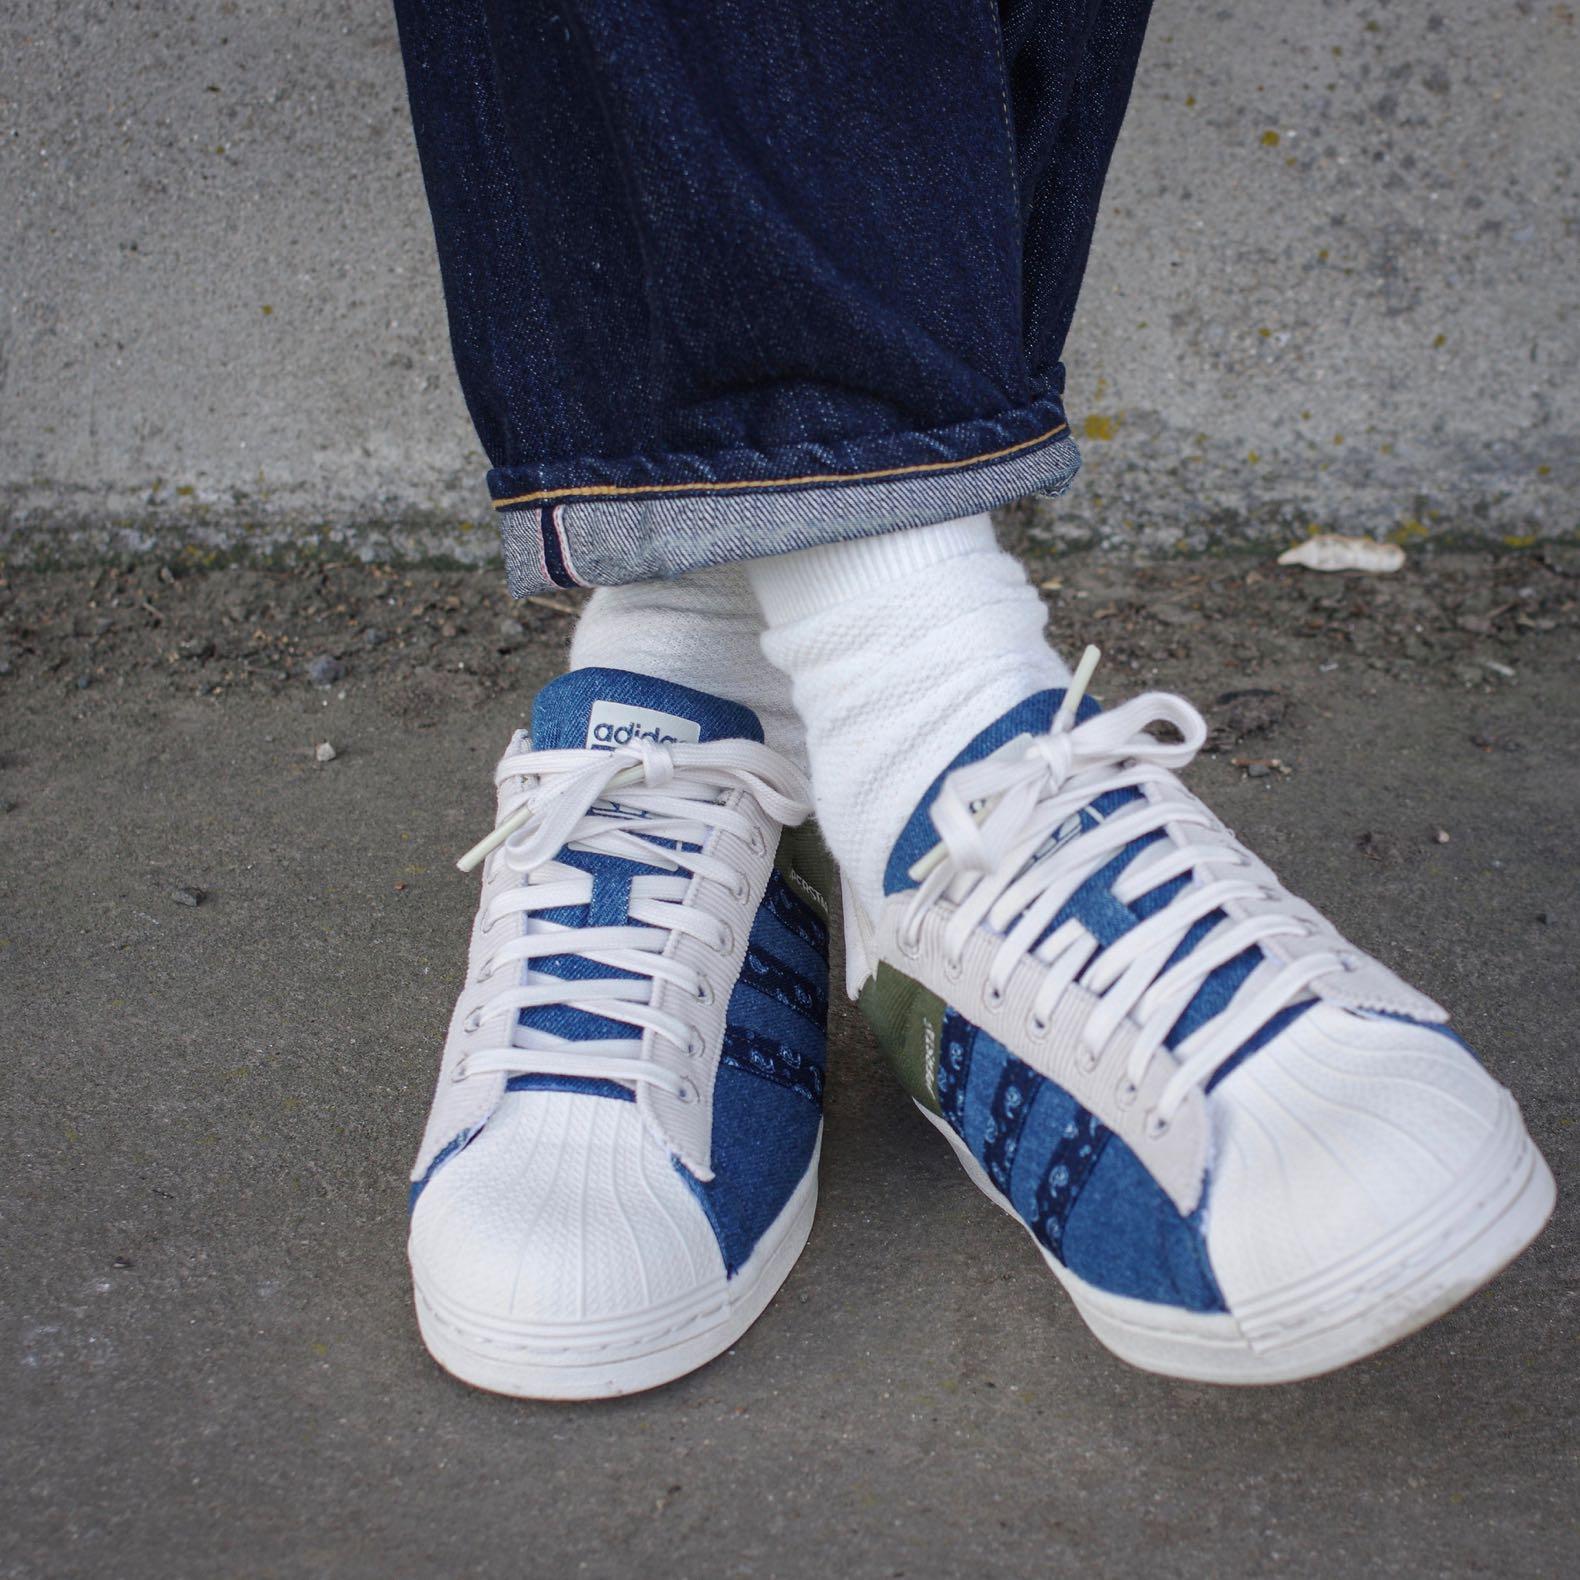 adidas super star jean brut homme